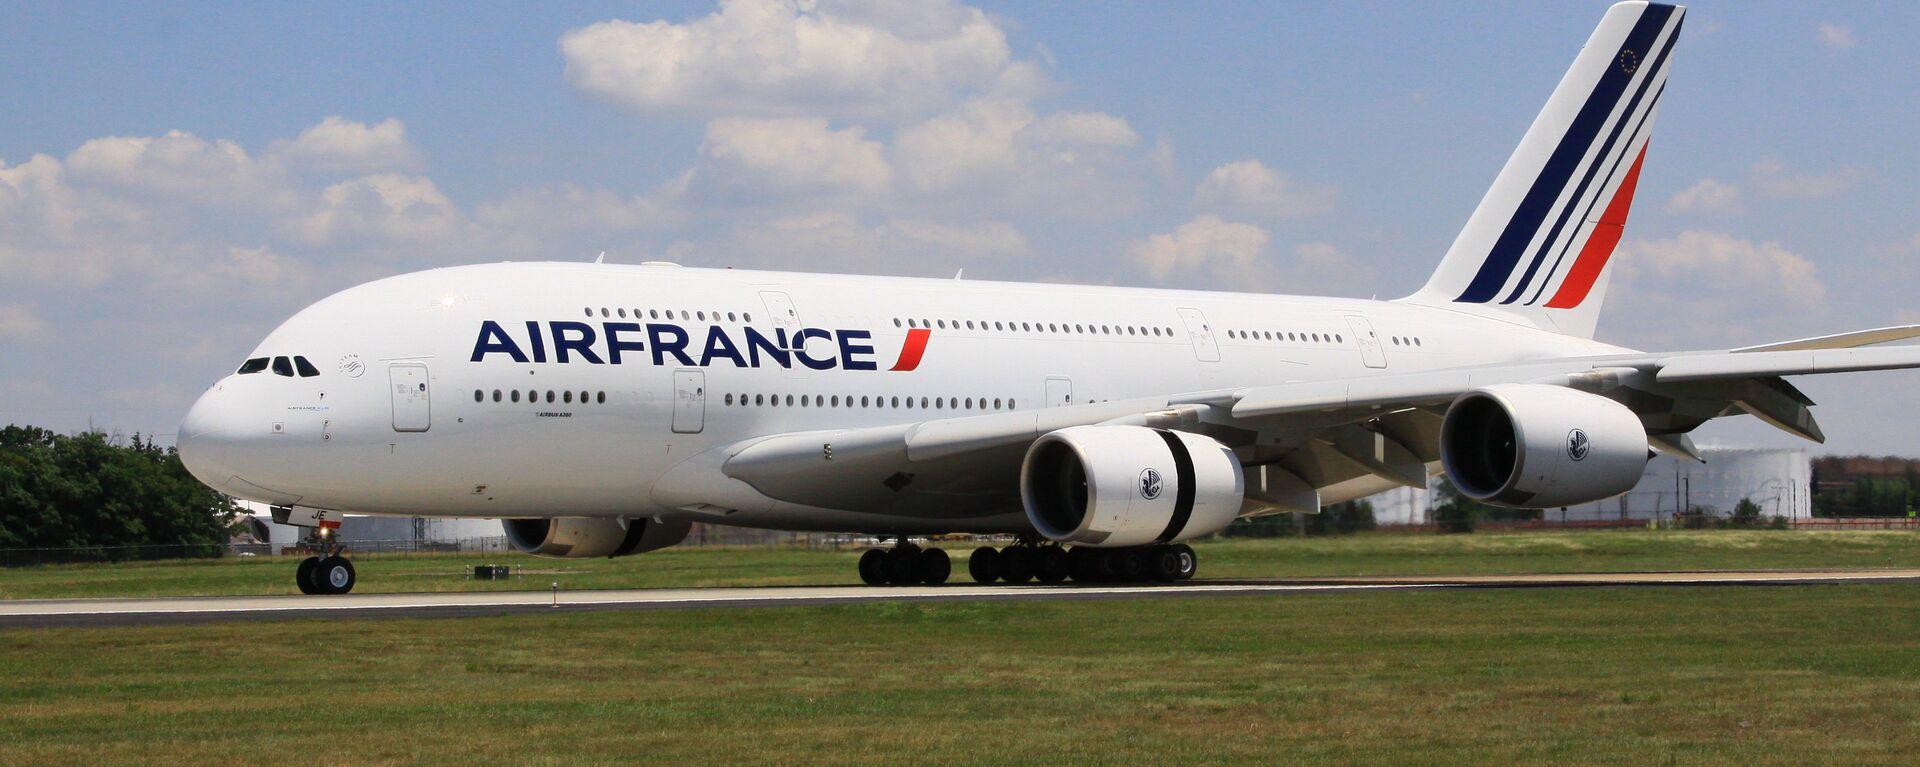 Самолет Airbus 380 (A380, авиакомпания Air France) впервые приземлился в аэропорту имени Даллеса в Вашингтоне, 6 июня 2011 года. - Sputnik Mundo, 1920, 01.10.2017